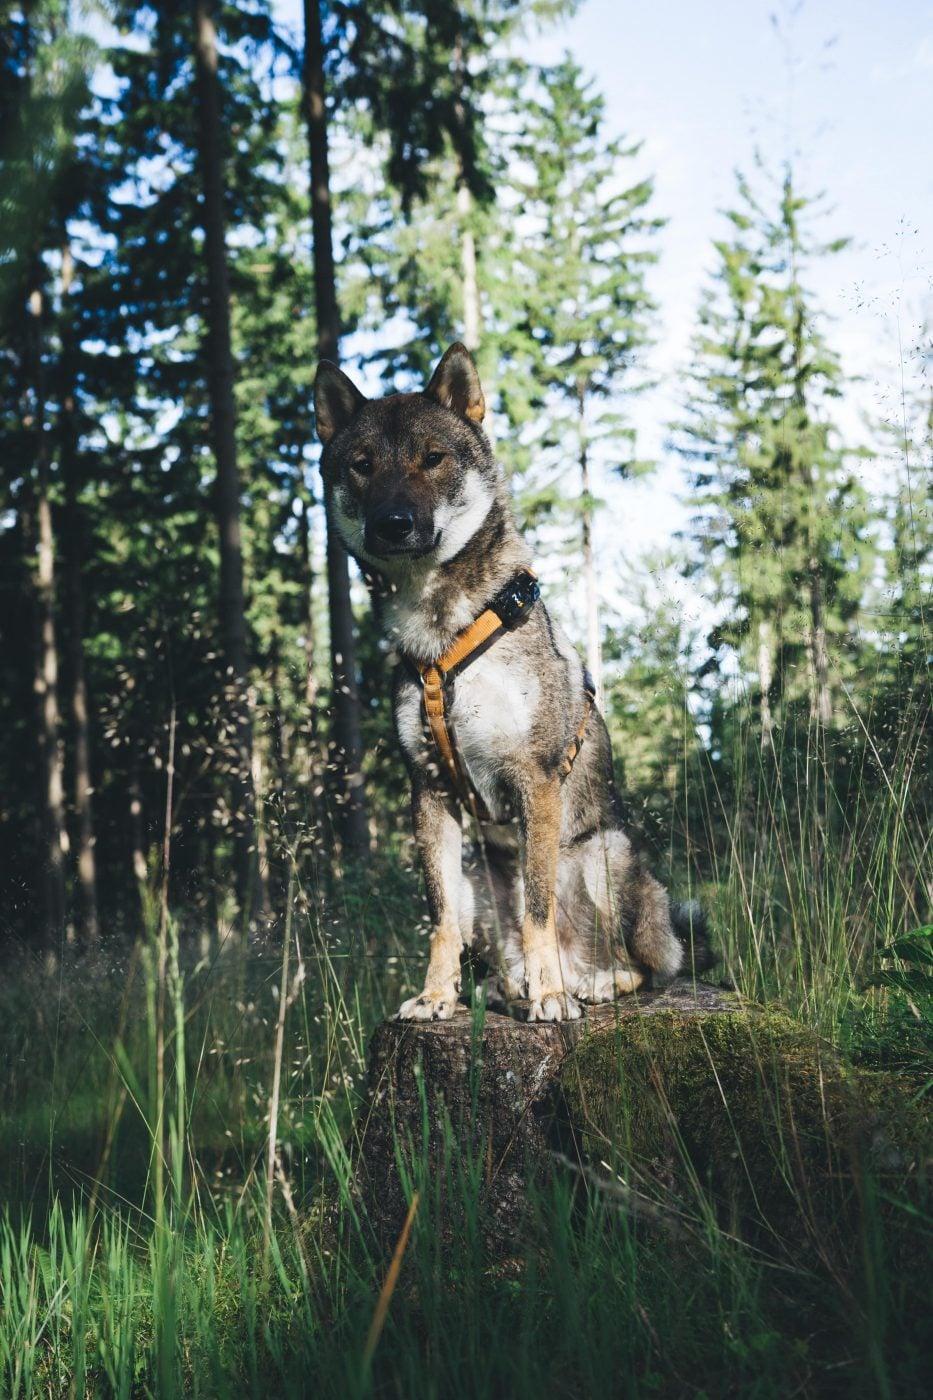 bild anwendungsgebiet wieso gps tracker hund pet finder 933x1400 - AG GPS Tracker für Hunde